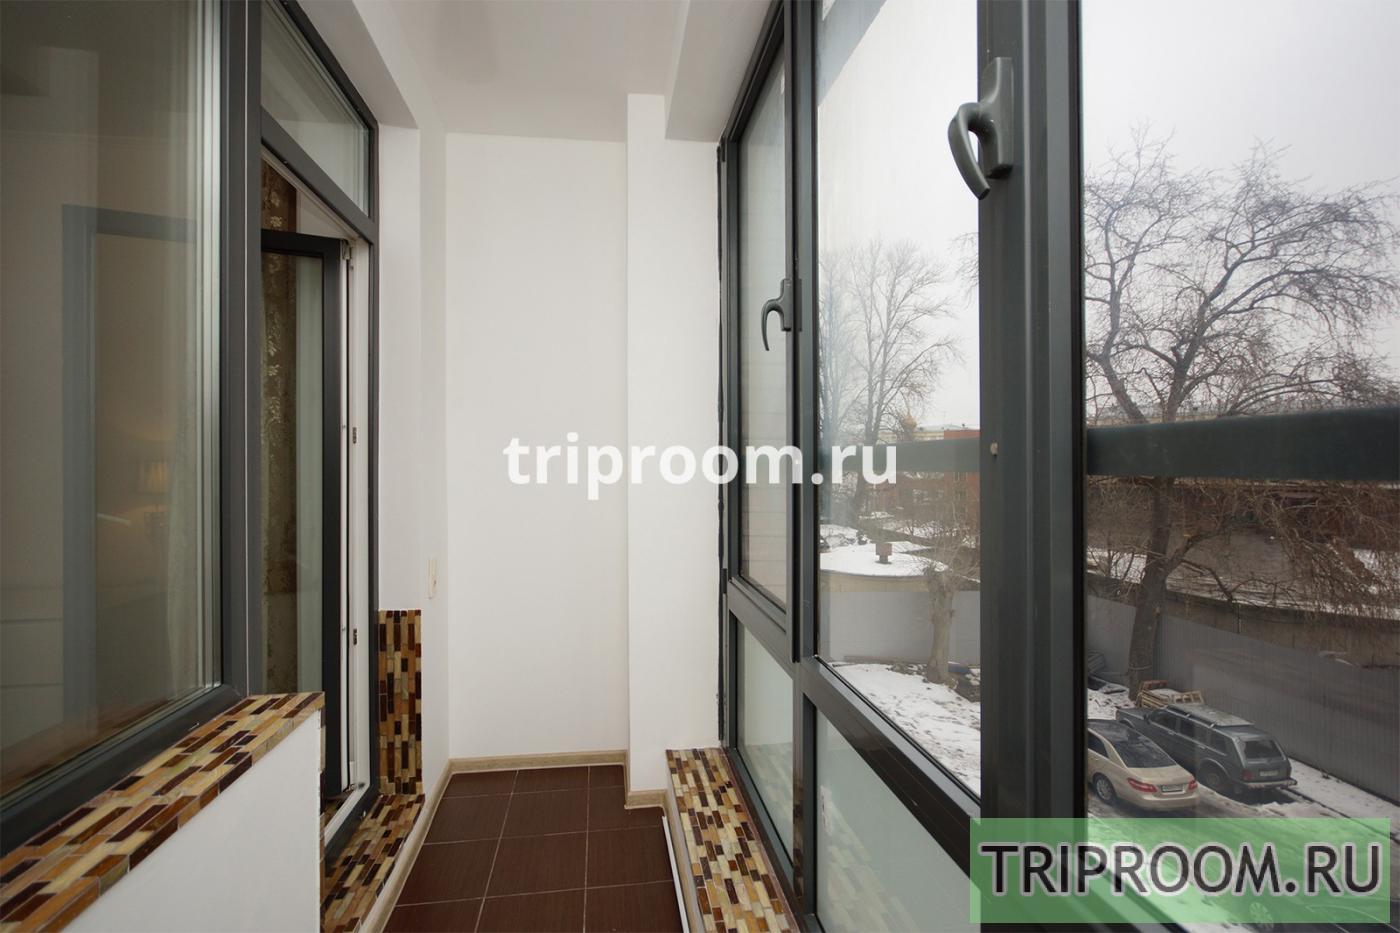 1-комнатная квартира посуточно (вариант № 17278), ул. Полтавский проезд, фото № 8